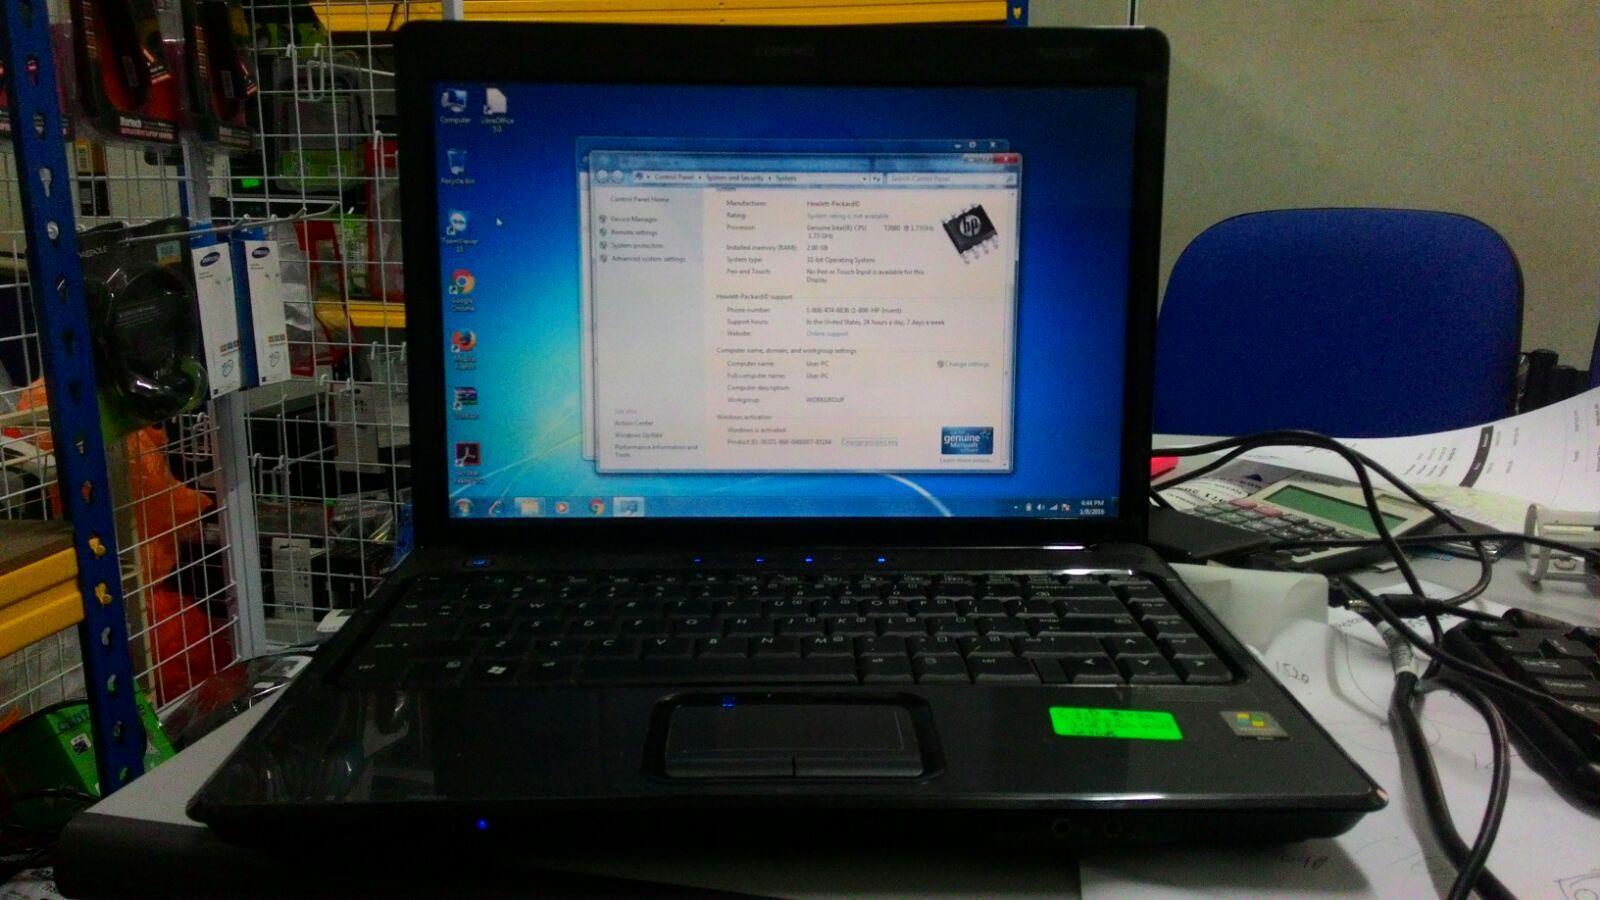 Compaq presario v3000 wikiwand.